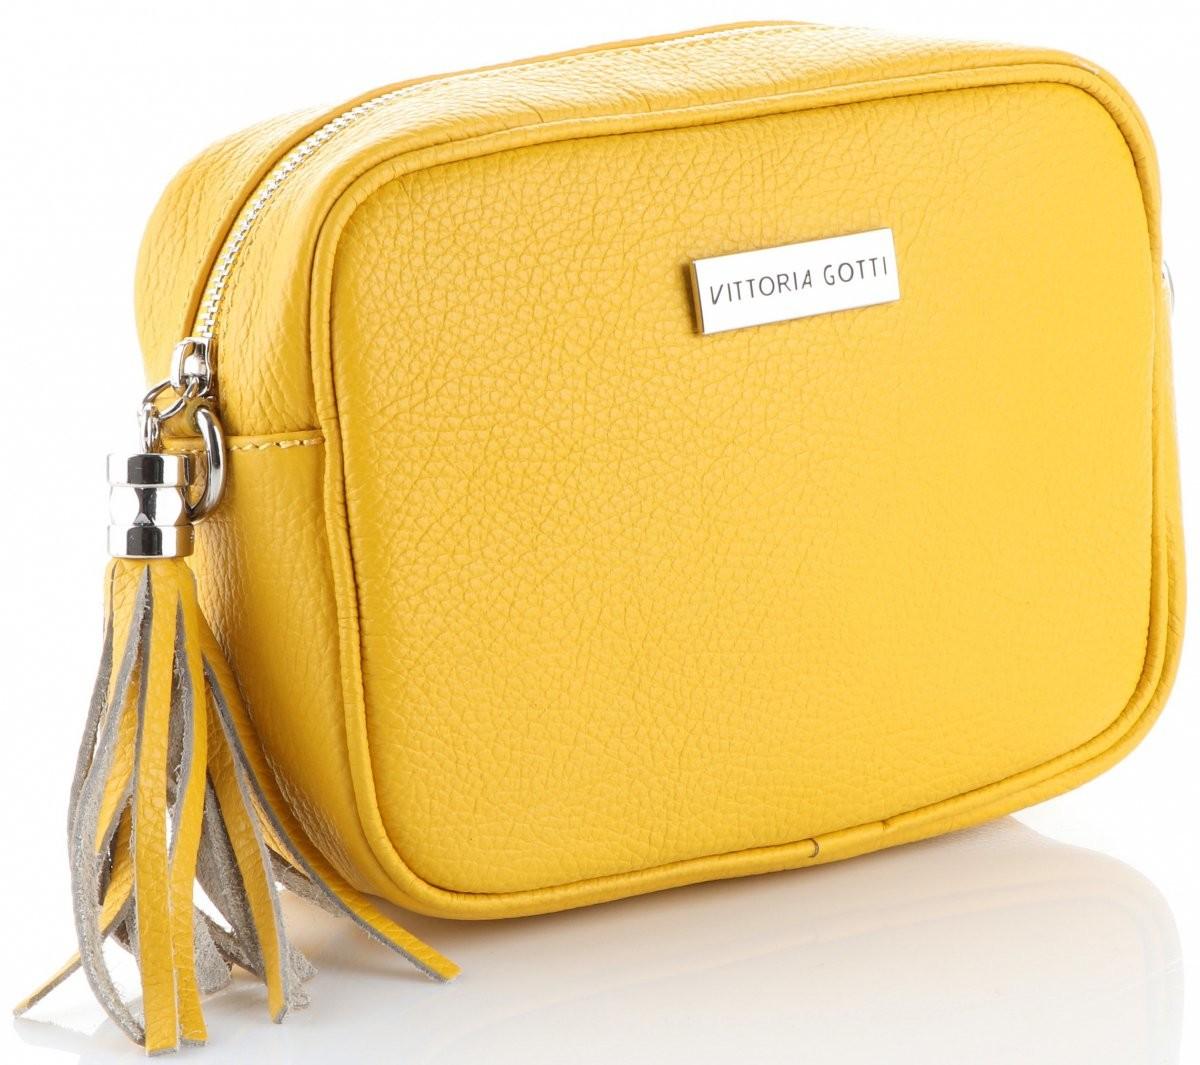 5f8196dcf1aa9 Vittoria Gotti Uniwersalne Torebki Skórzane Listonoszki na co dzień  renomowanej marki Vittoria Gotti Żółte (kolory